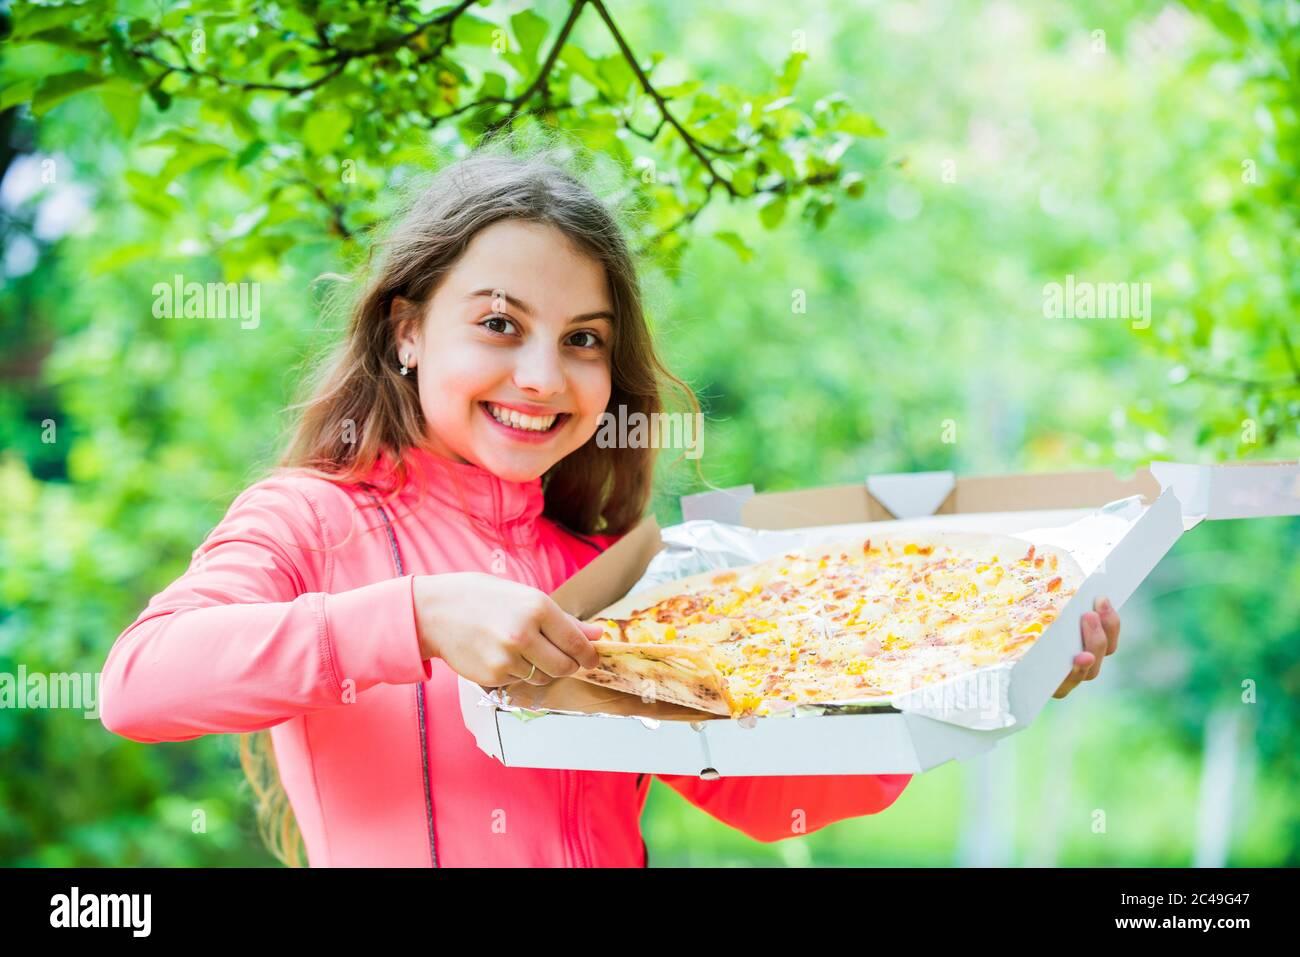 Nur eine Scheibe. Ihr Lieblingsessen. Junk-Food-Konzept. Happy Child halten große Pizza. Essen Lieferung in der Zeit. Hungrige Kind Essen Pizza. Suchen lecker und perfekt. Fühlen Sie echten Hunger. Wer kümmert sich um Ernährung. Stockfoto